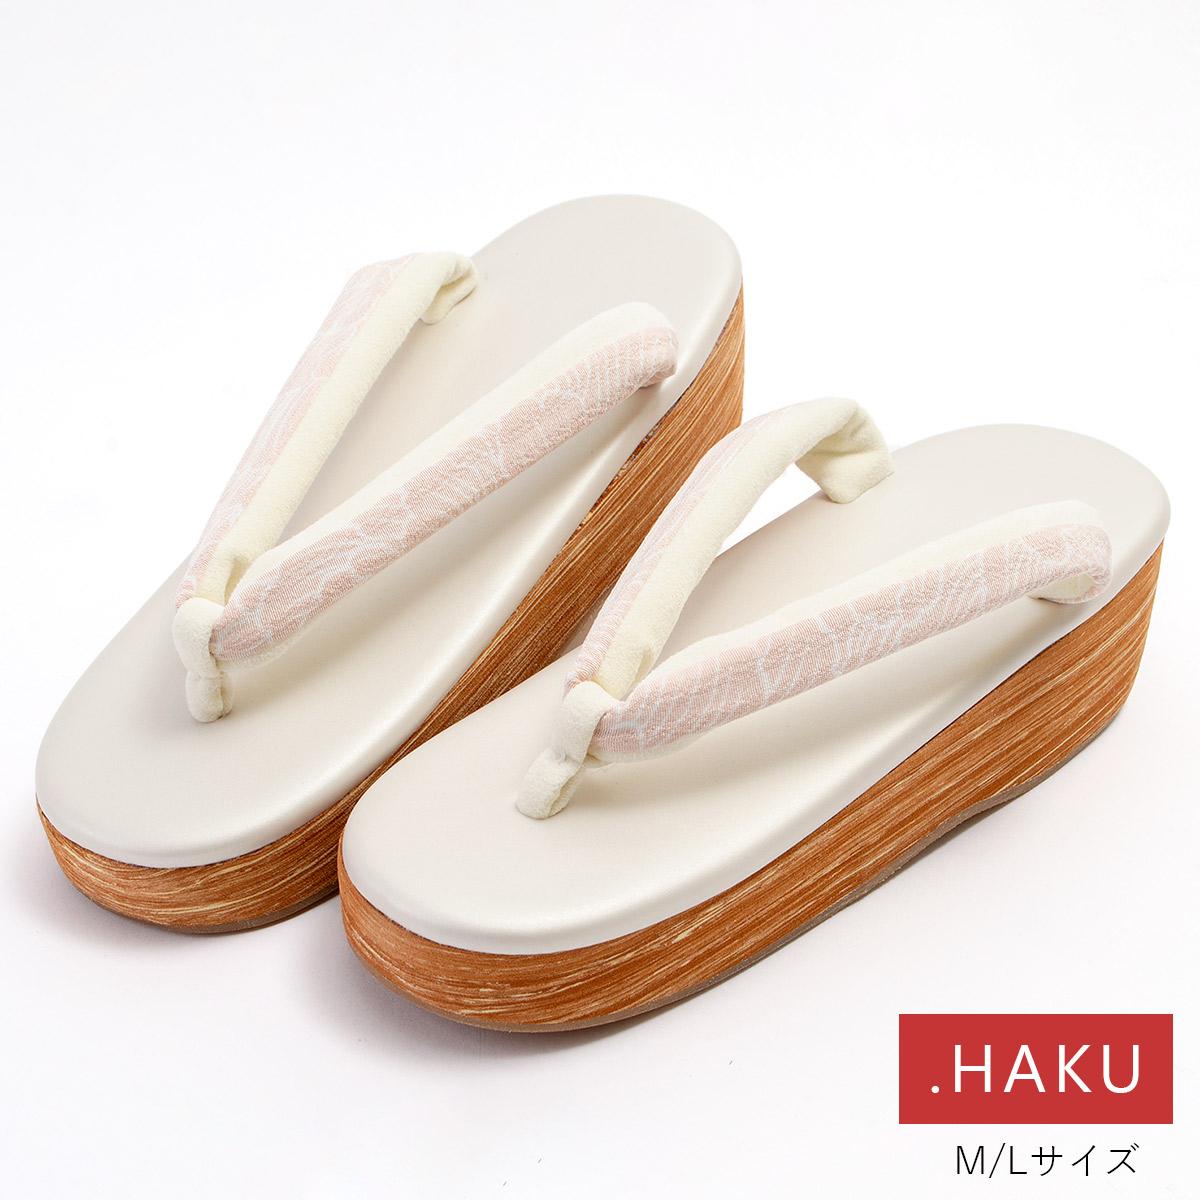 . HAKU 草履 NO.115 |ホワイト×ピンク